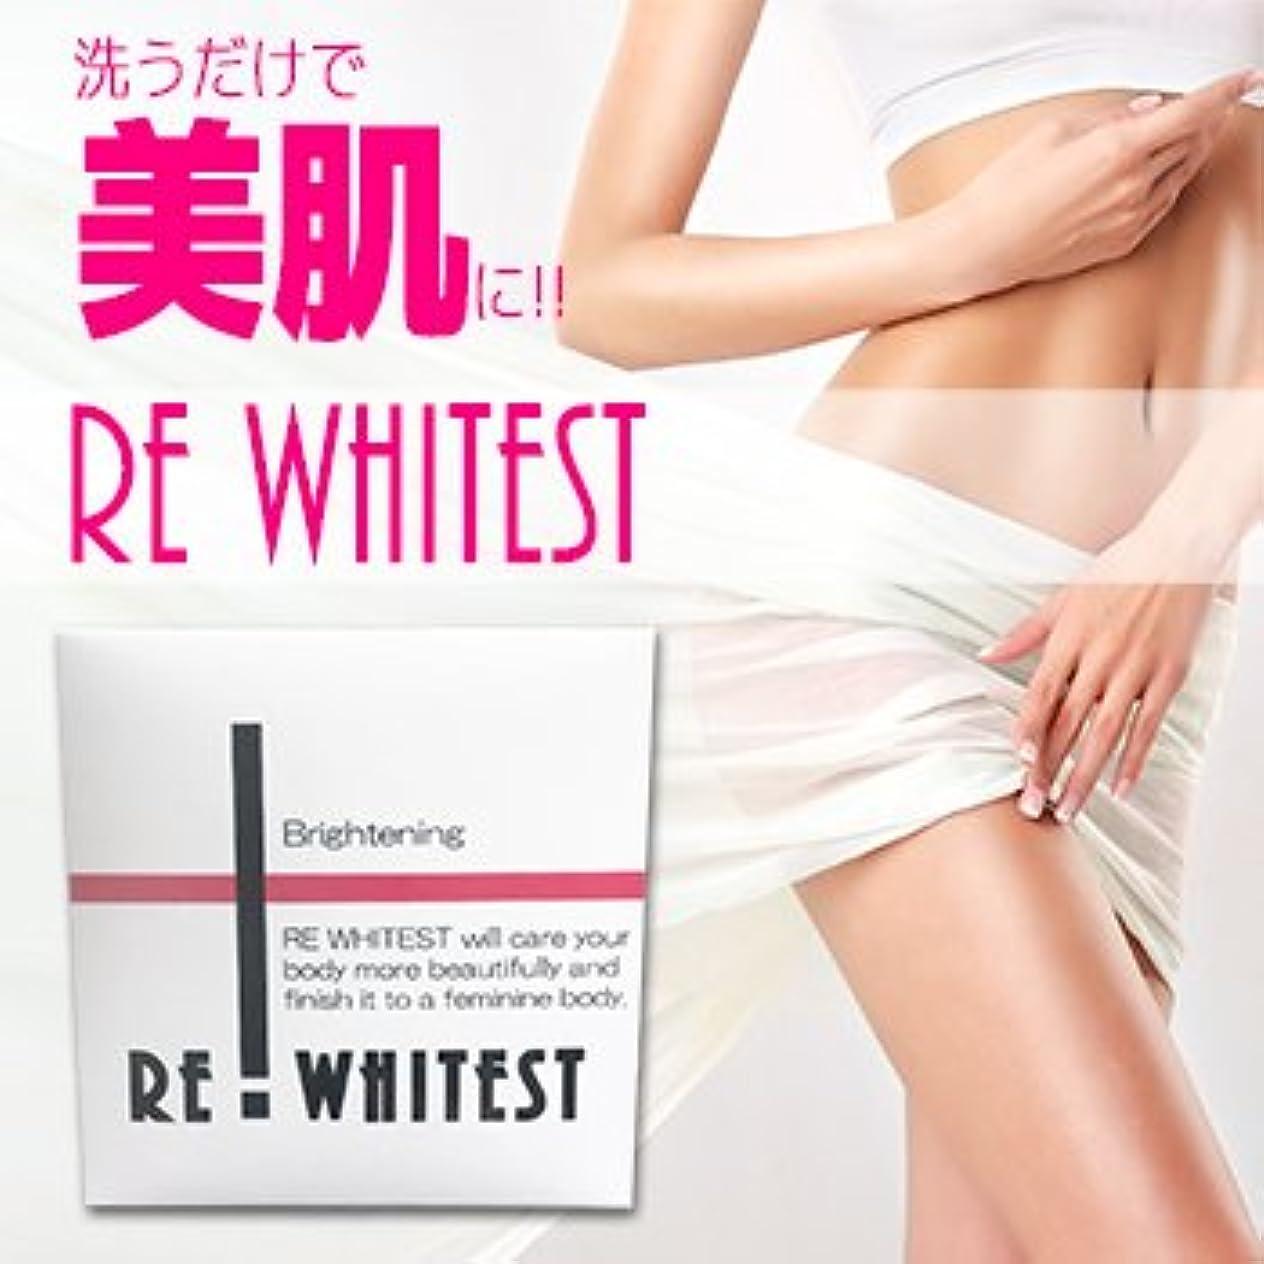 よろしくライオネルグリーンストリートデータベースパパイン+イソフラボン配合女性用美肌石鹸 REWHITEST-リホワイテスト-